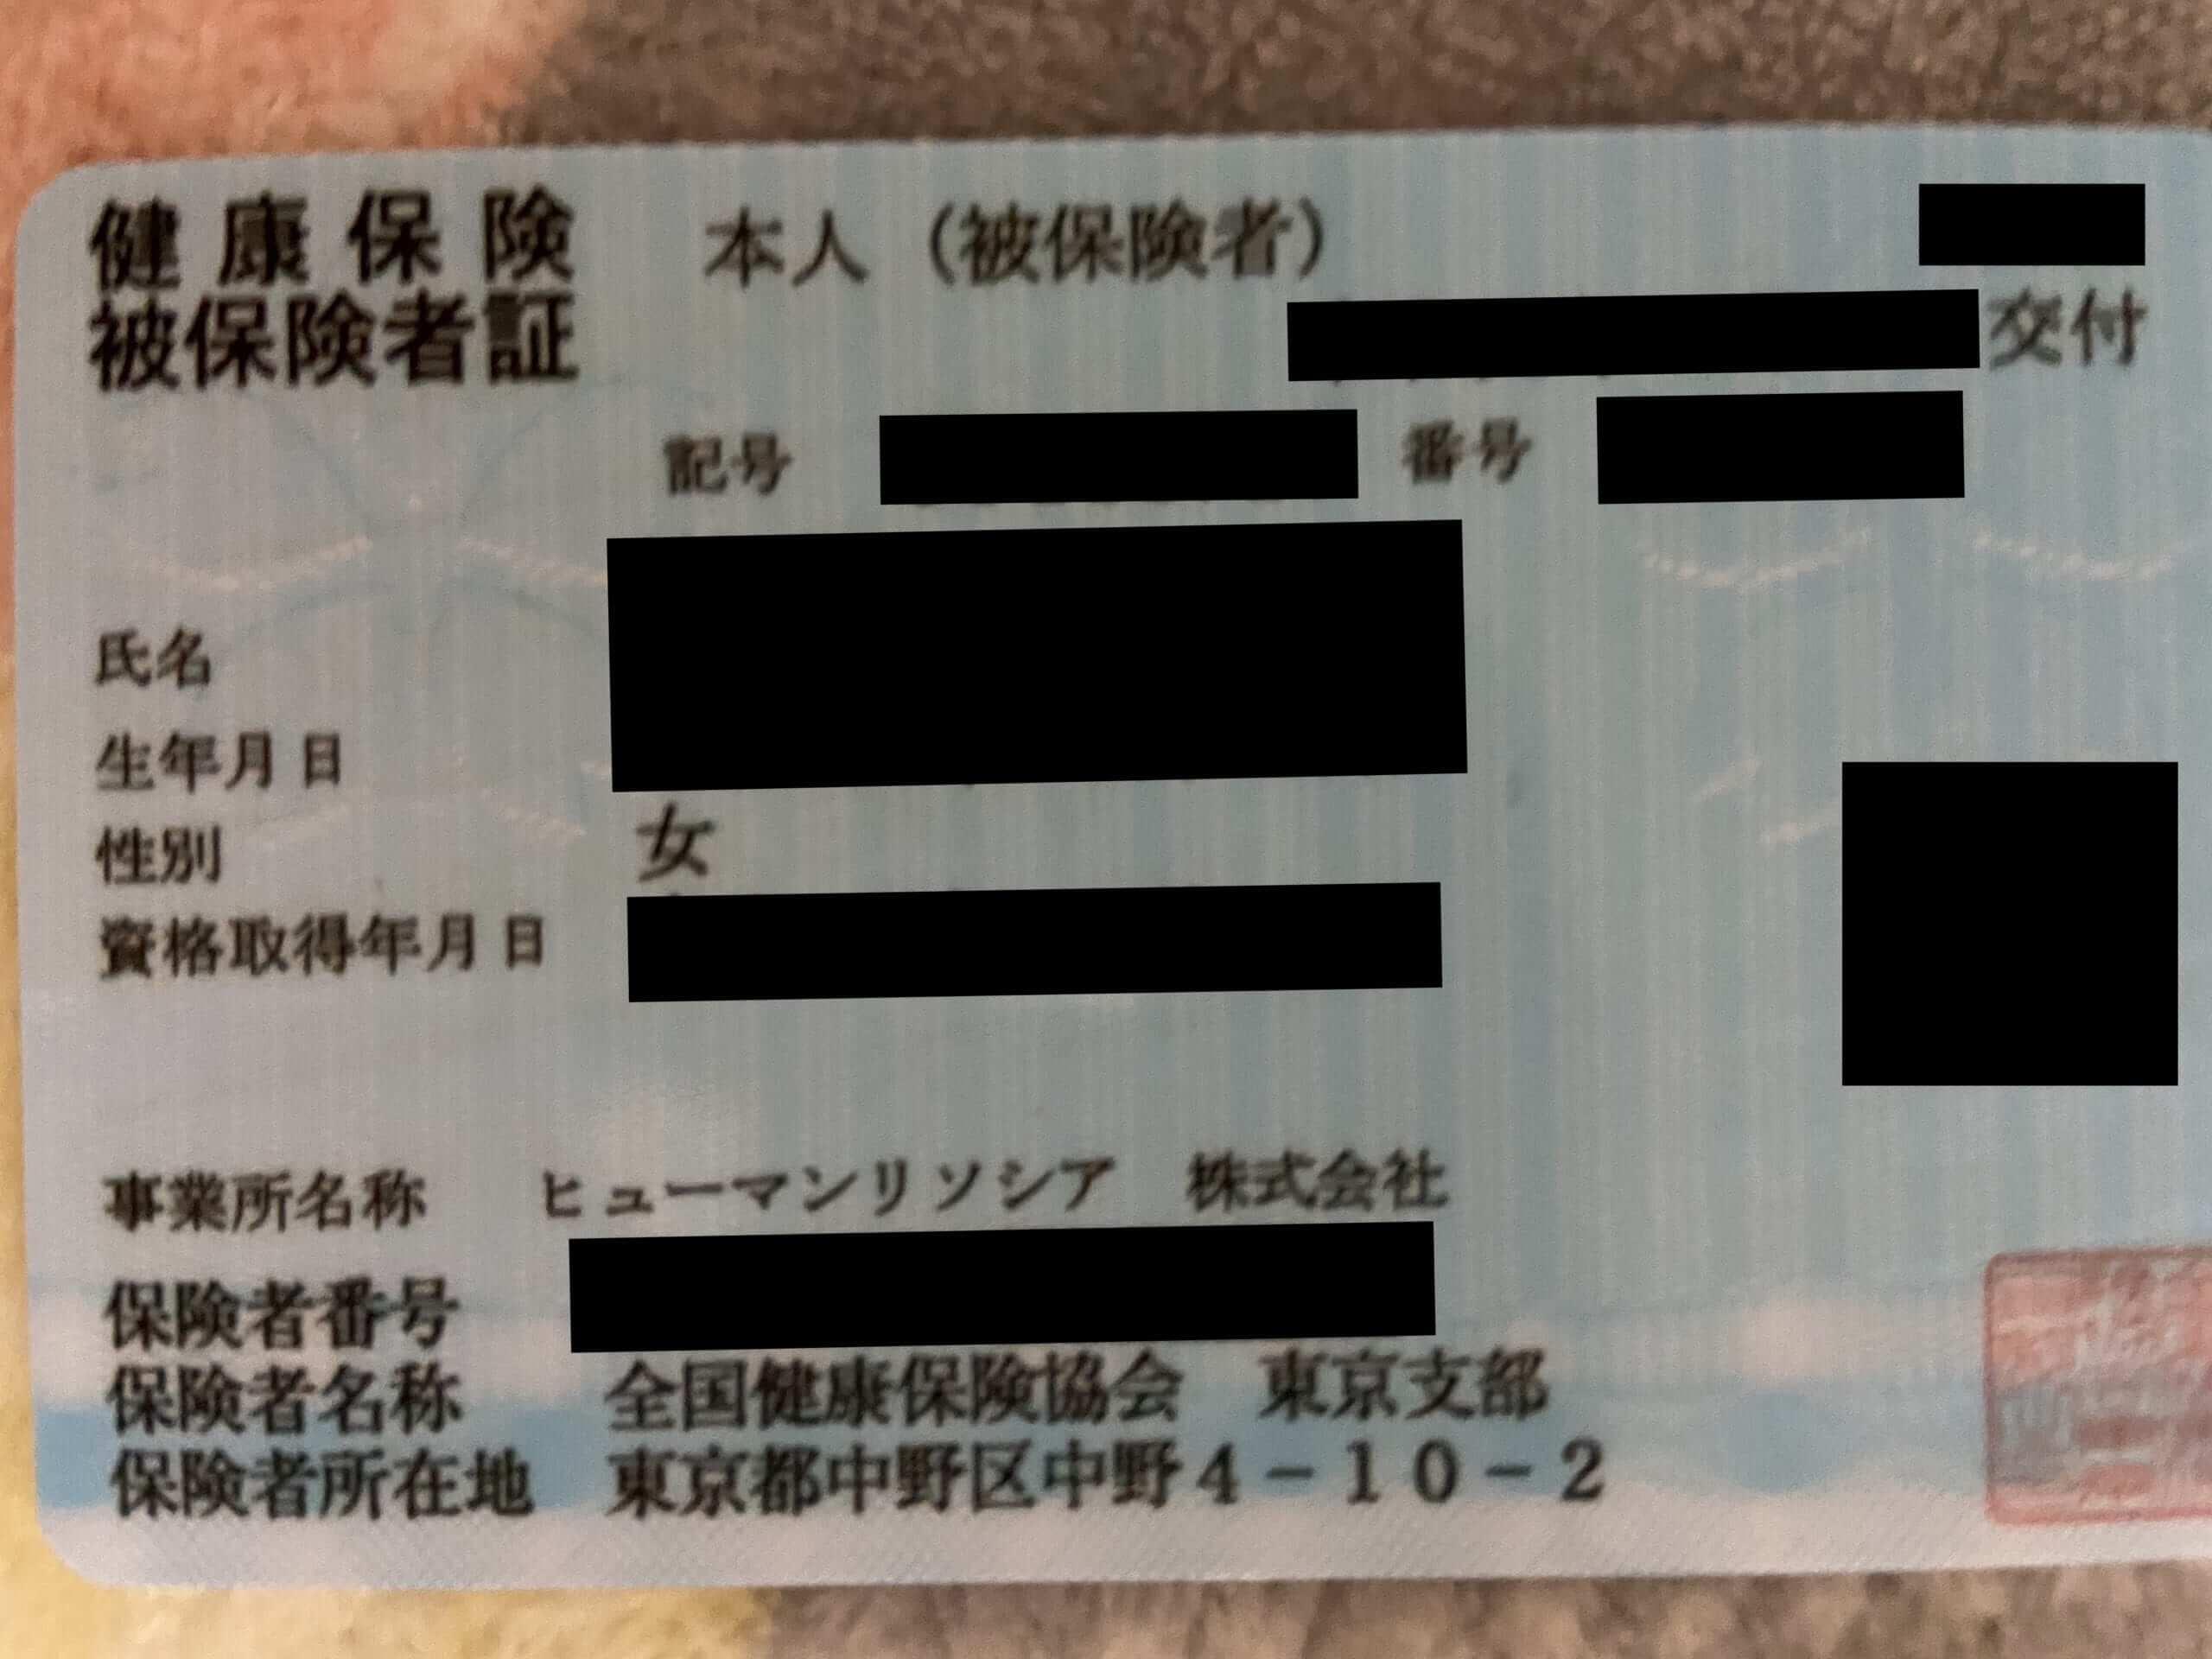 ヒューマンリソシア株式会社 札幌支社